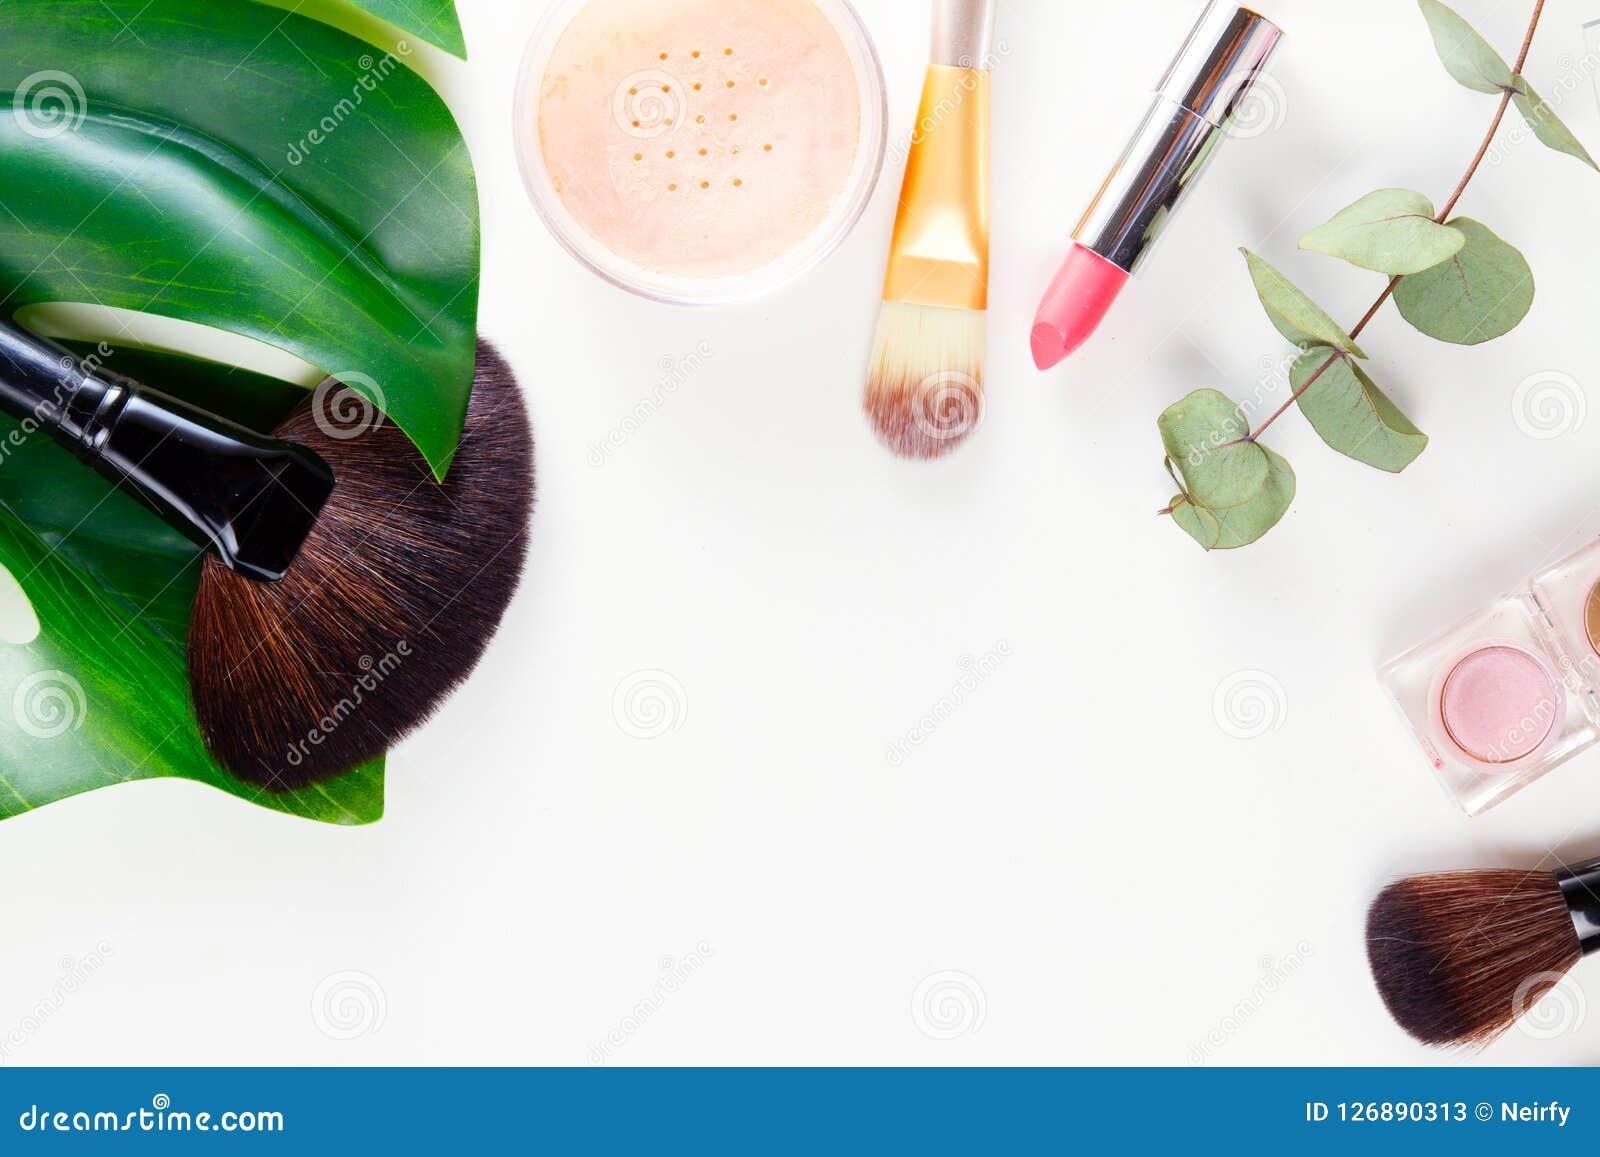 奶油色唇膏构成染睫毛油指甲油专业口气工具